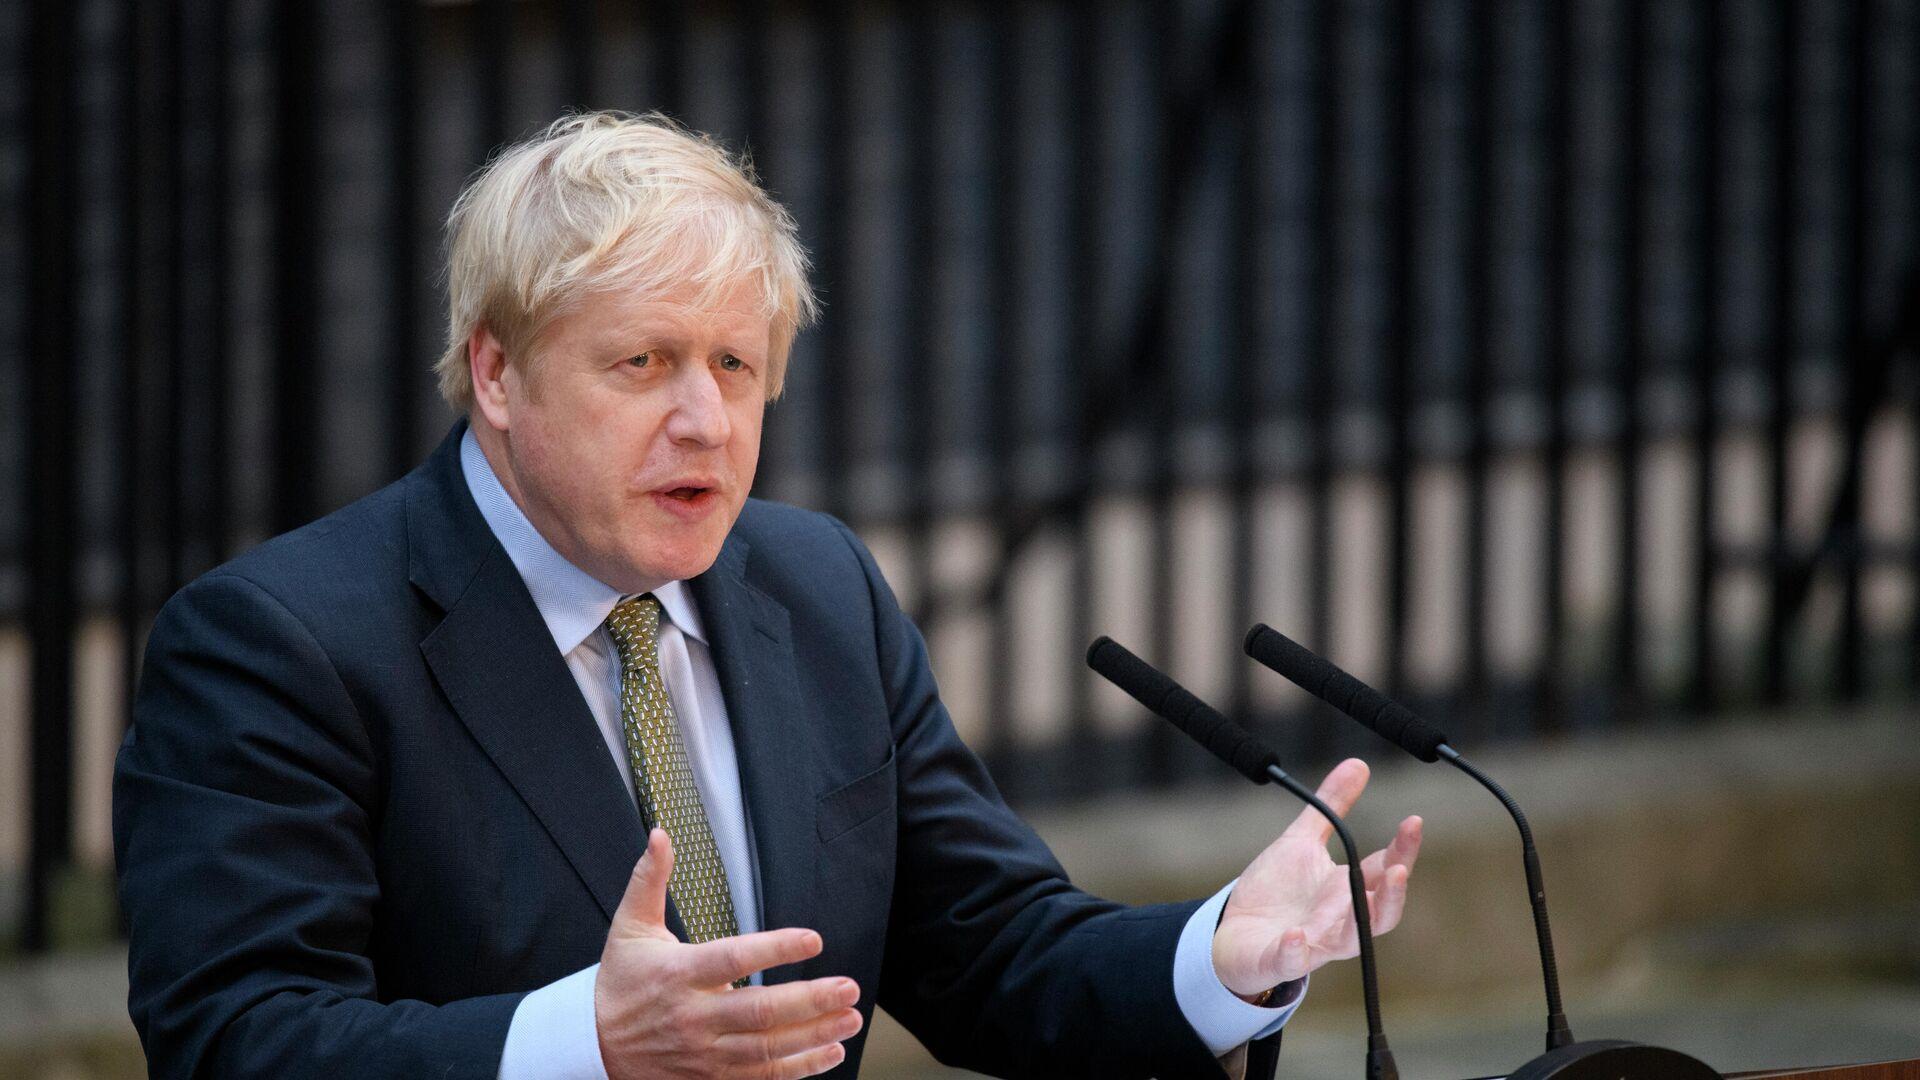 Премьер-министр Борис Джонсон выступает на Даунинг-стрит в Лондоне - РИА Новости, 1920, 07.01.2021